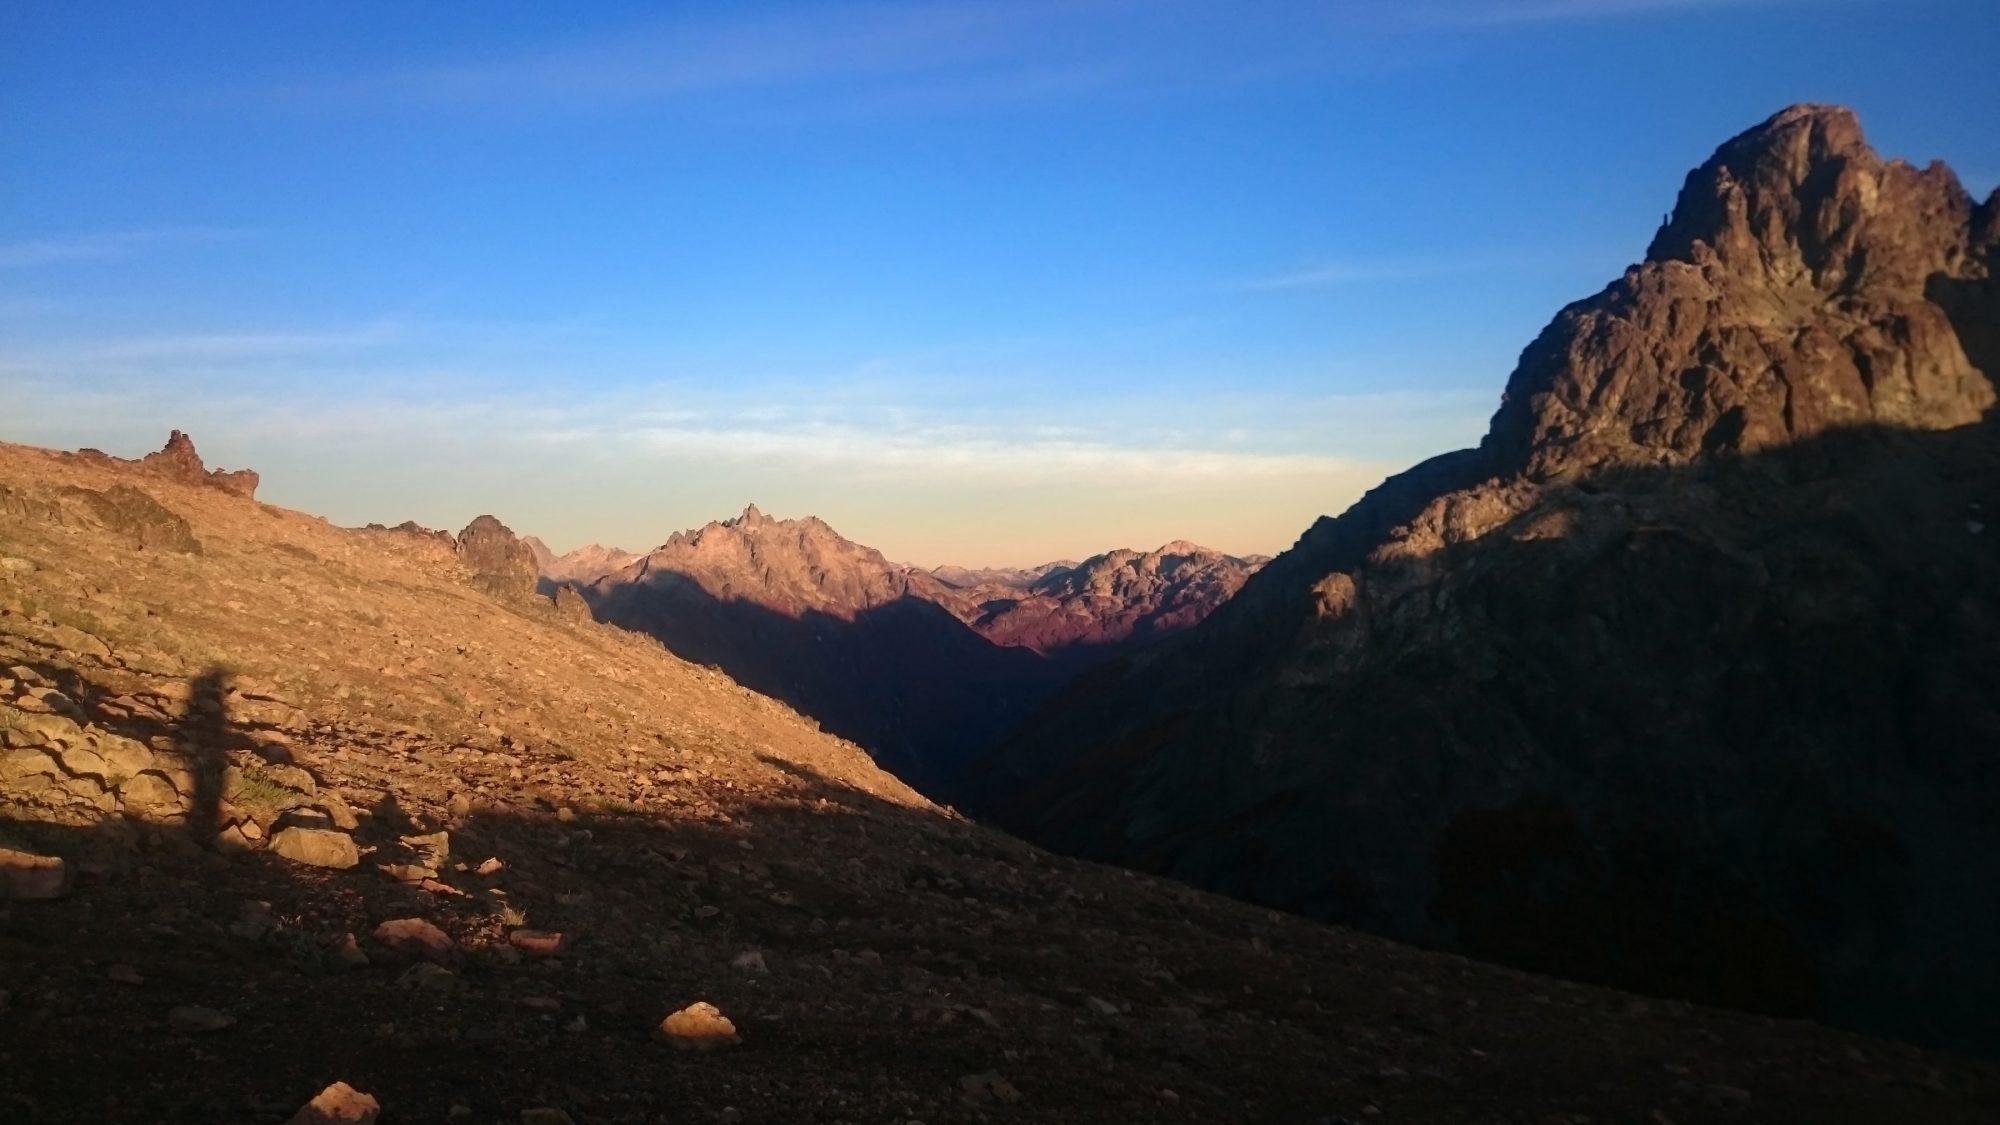 Fjella El Bolson Wanderung Patagonien Warton Dedo Gordo Encanto Blanco Wanderroute Wandern Sonnenaufgang